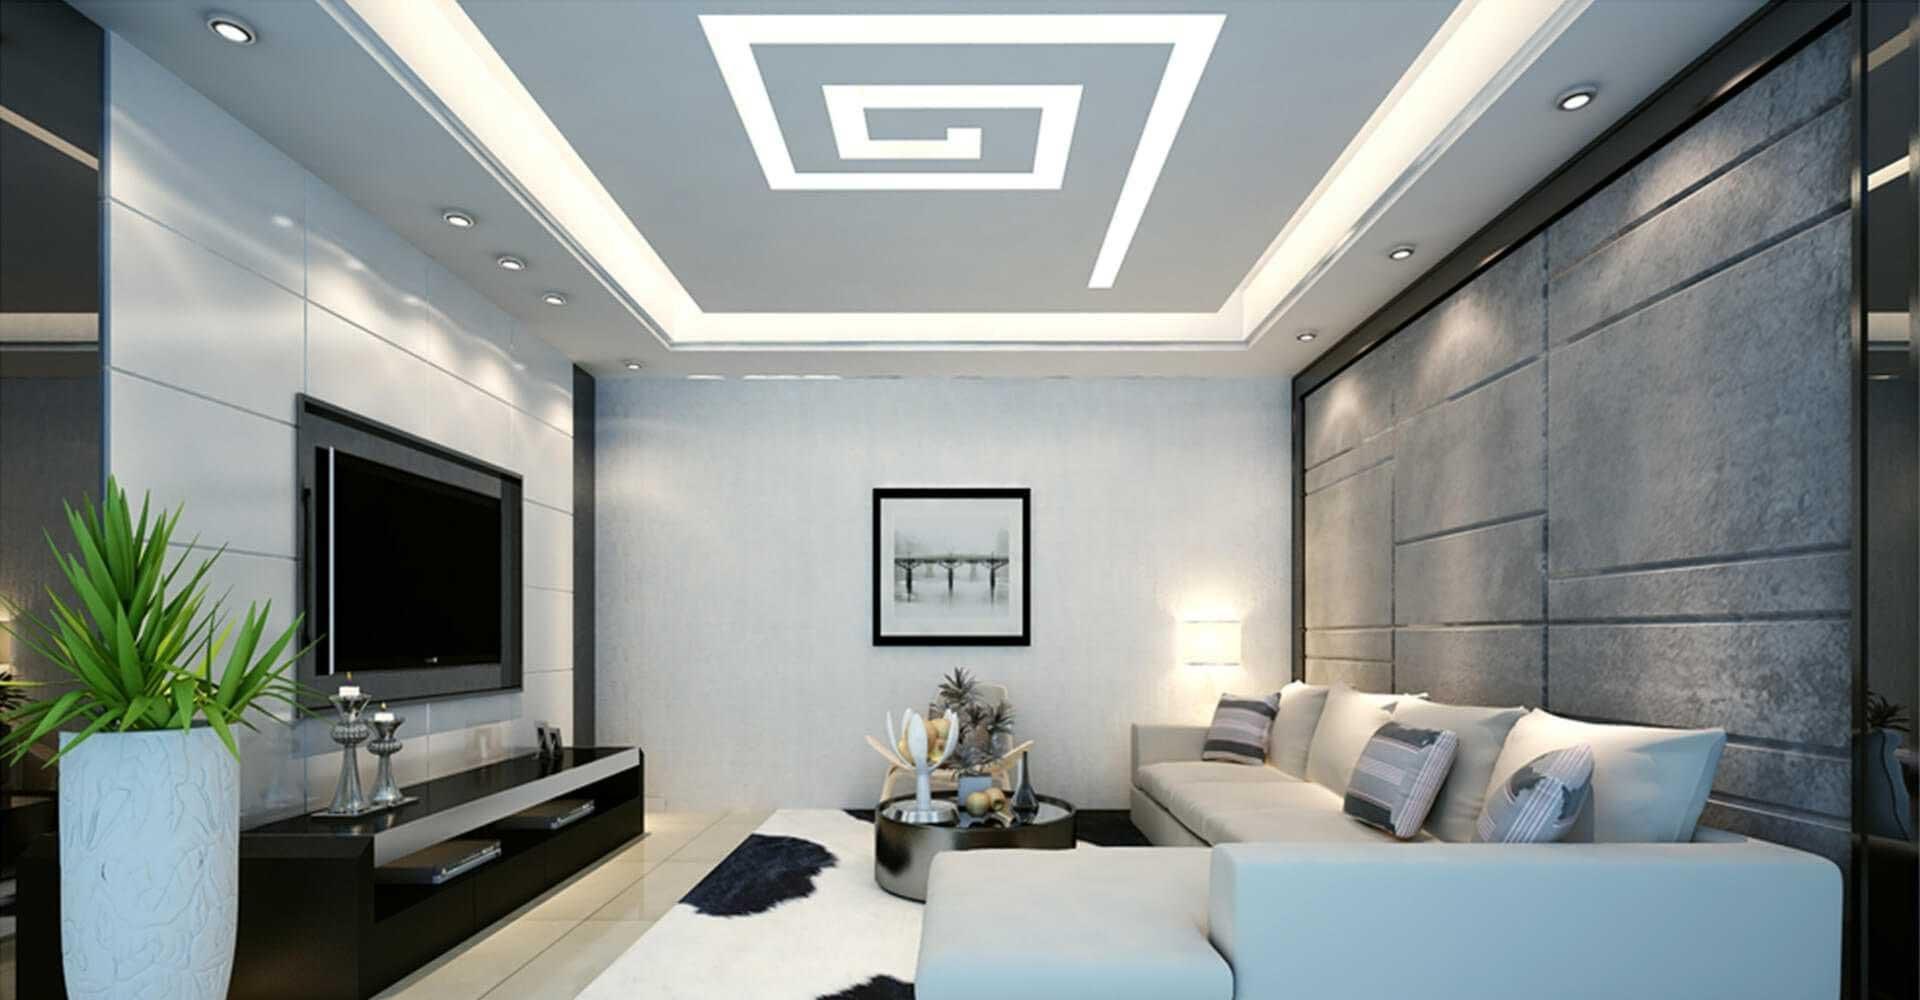 Trần thạch cao là trần nhà được làm từ tấm thạch cao